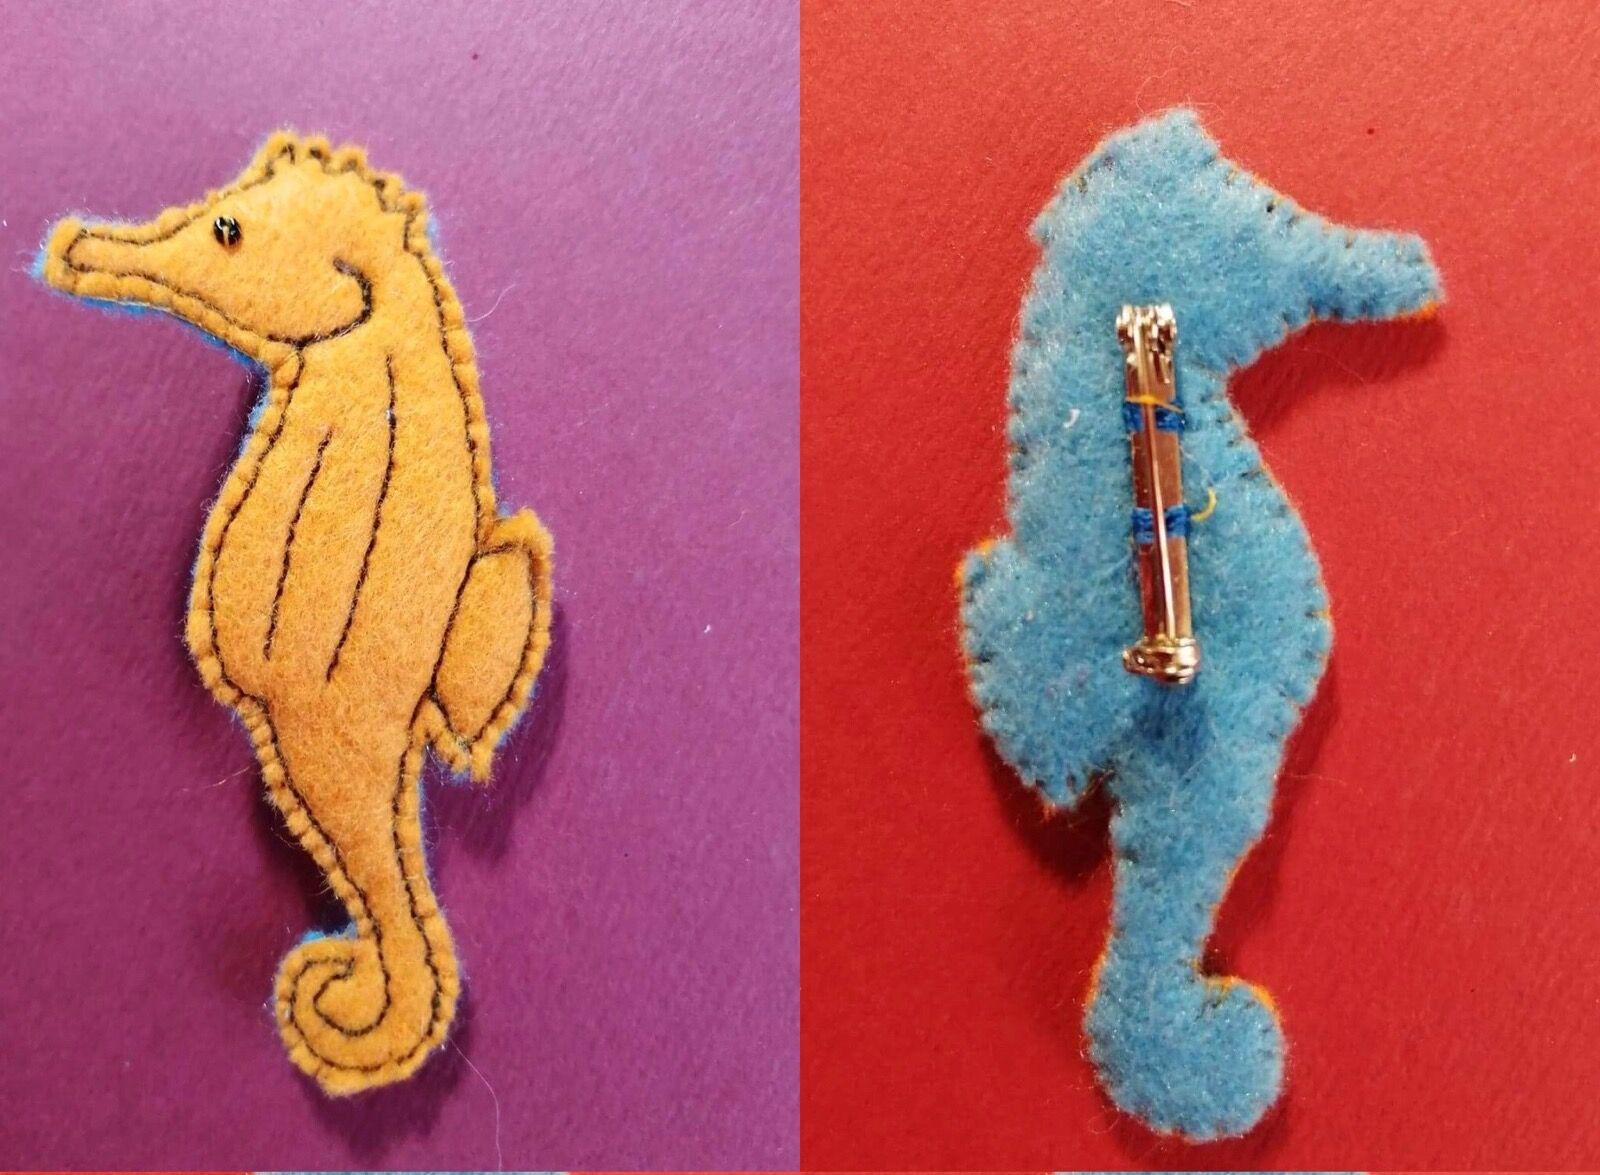 Orange Seahorse brooch